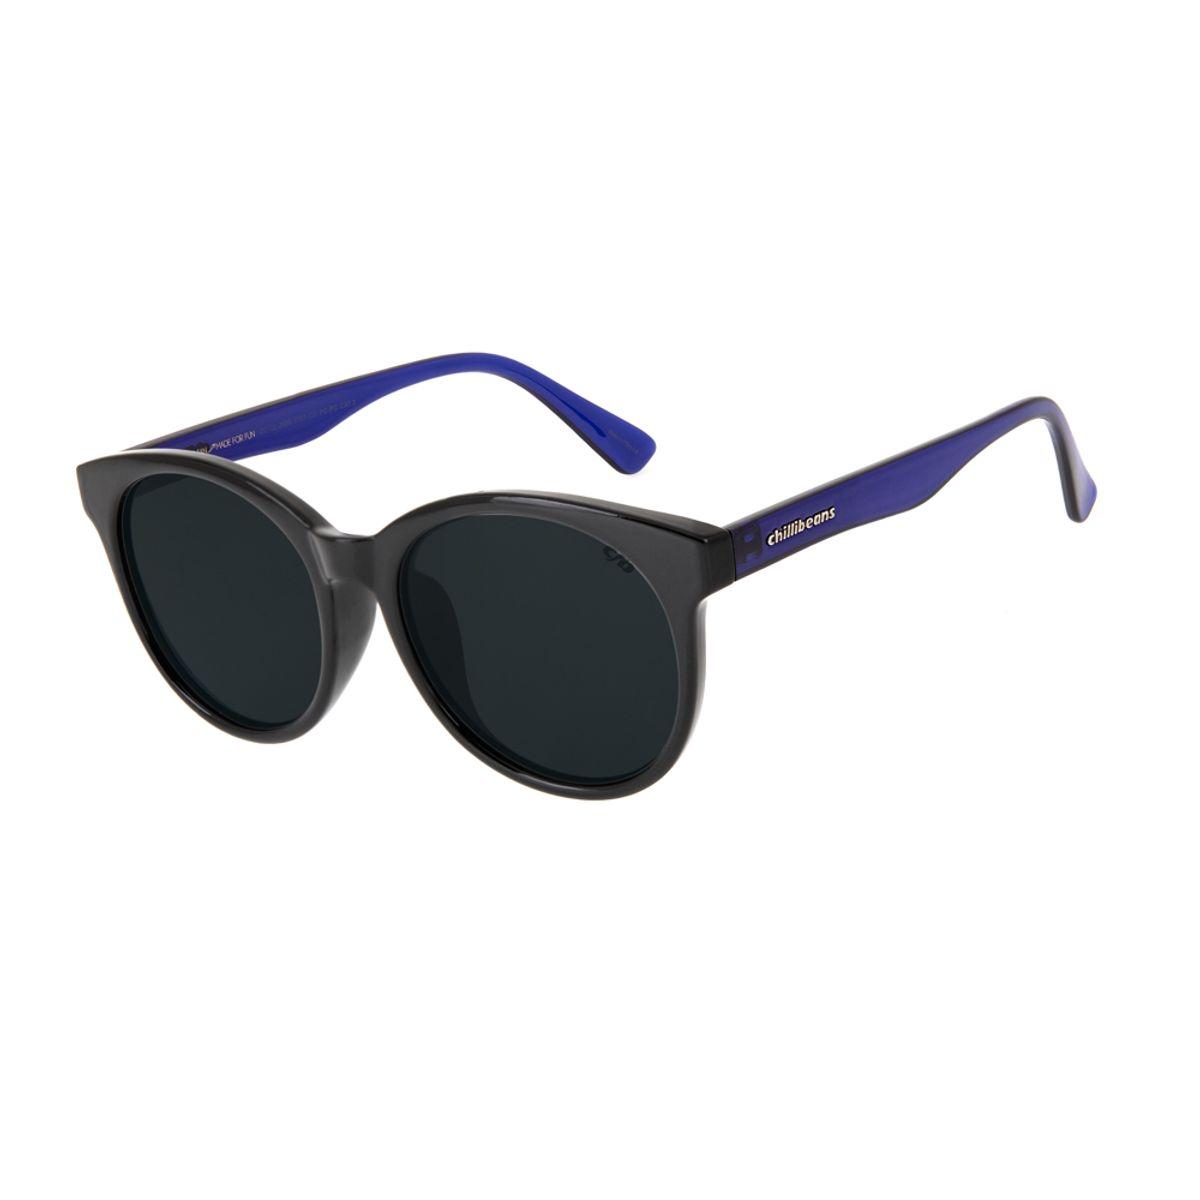 5bf39a1ef Óculos de Sol Chilli Beans Feminino Bicolor Redondo Preto 2689 ...